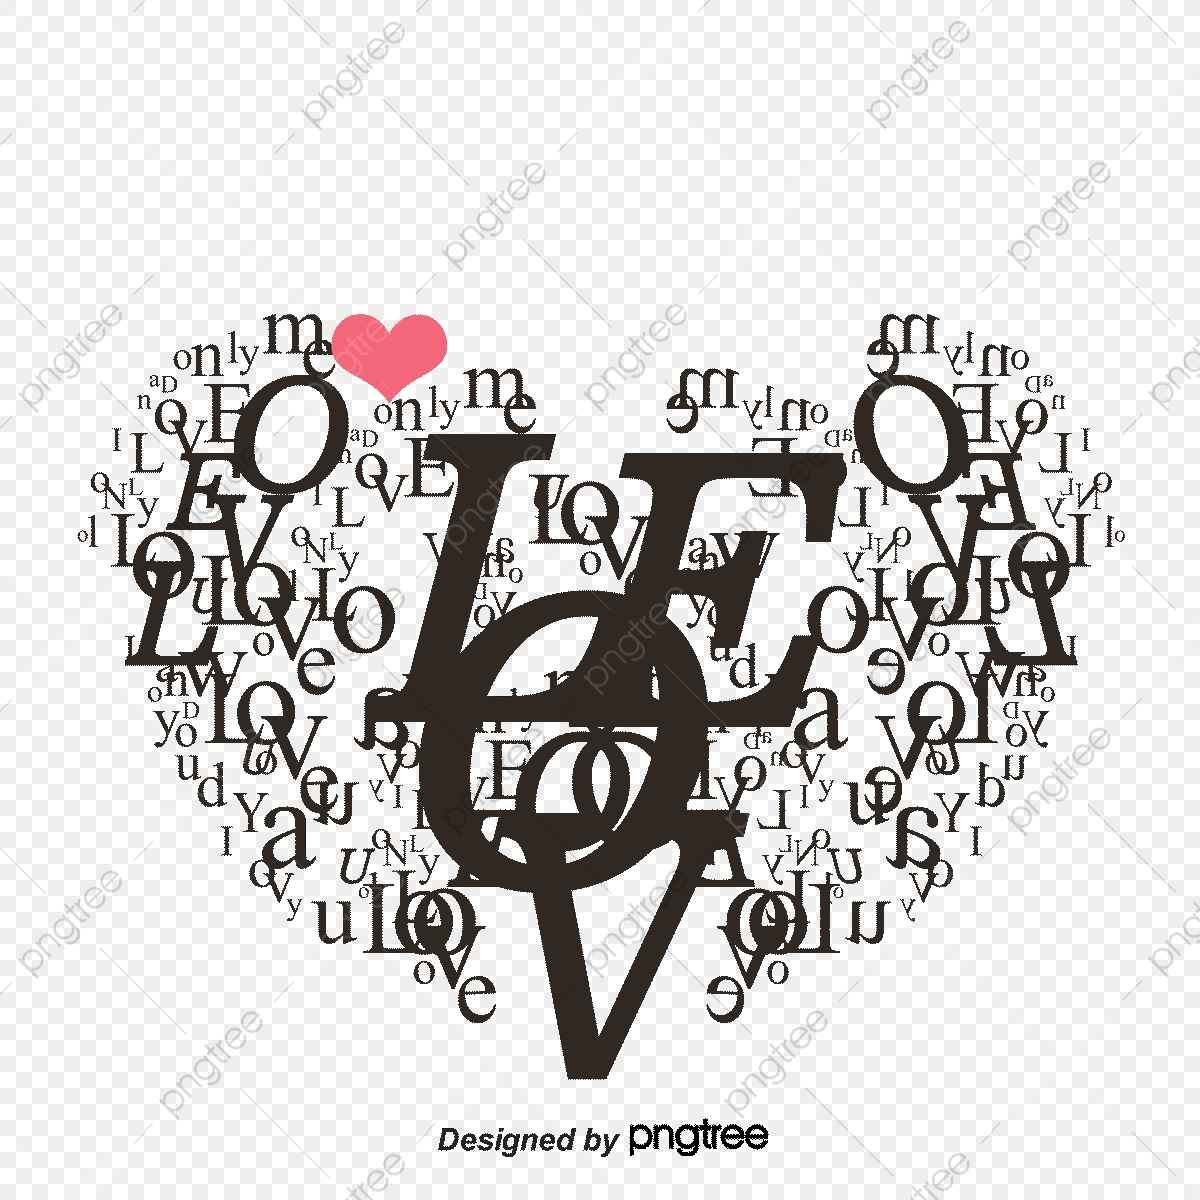 Alphabet Anglais Dessin Animé En Forme De Coeur Saint dedans Dessin Pour La Saint Valentin